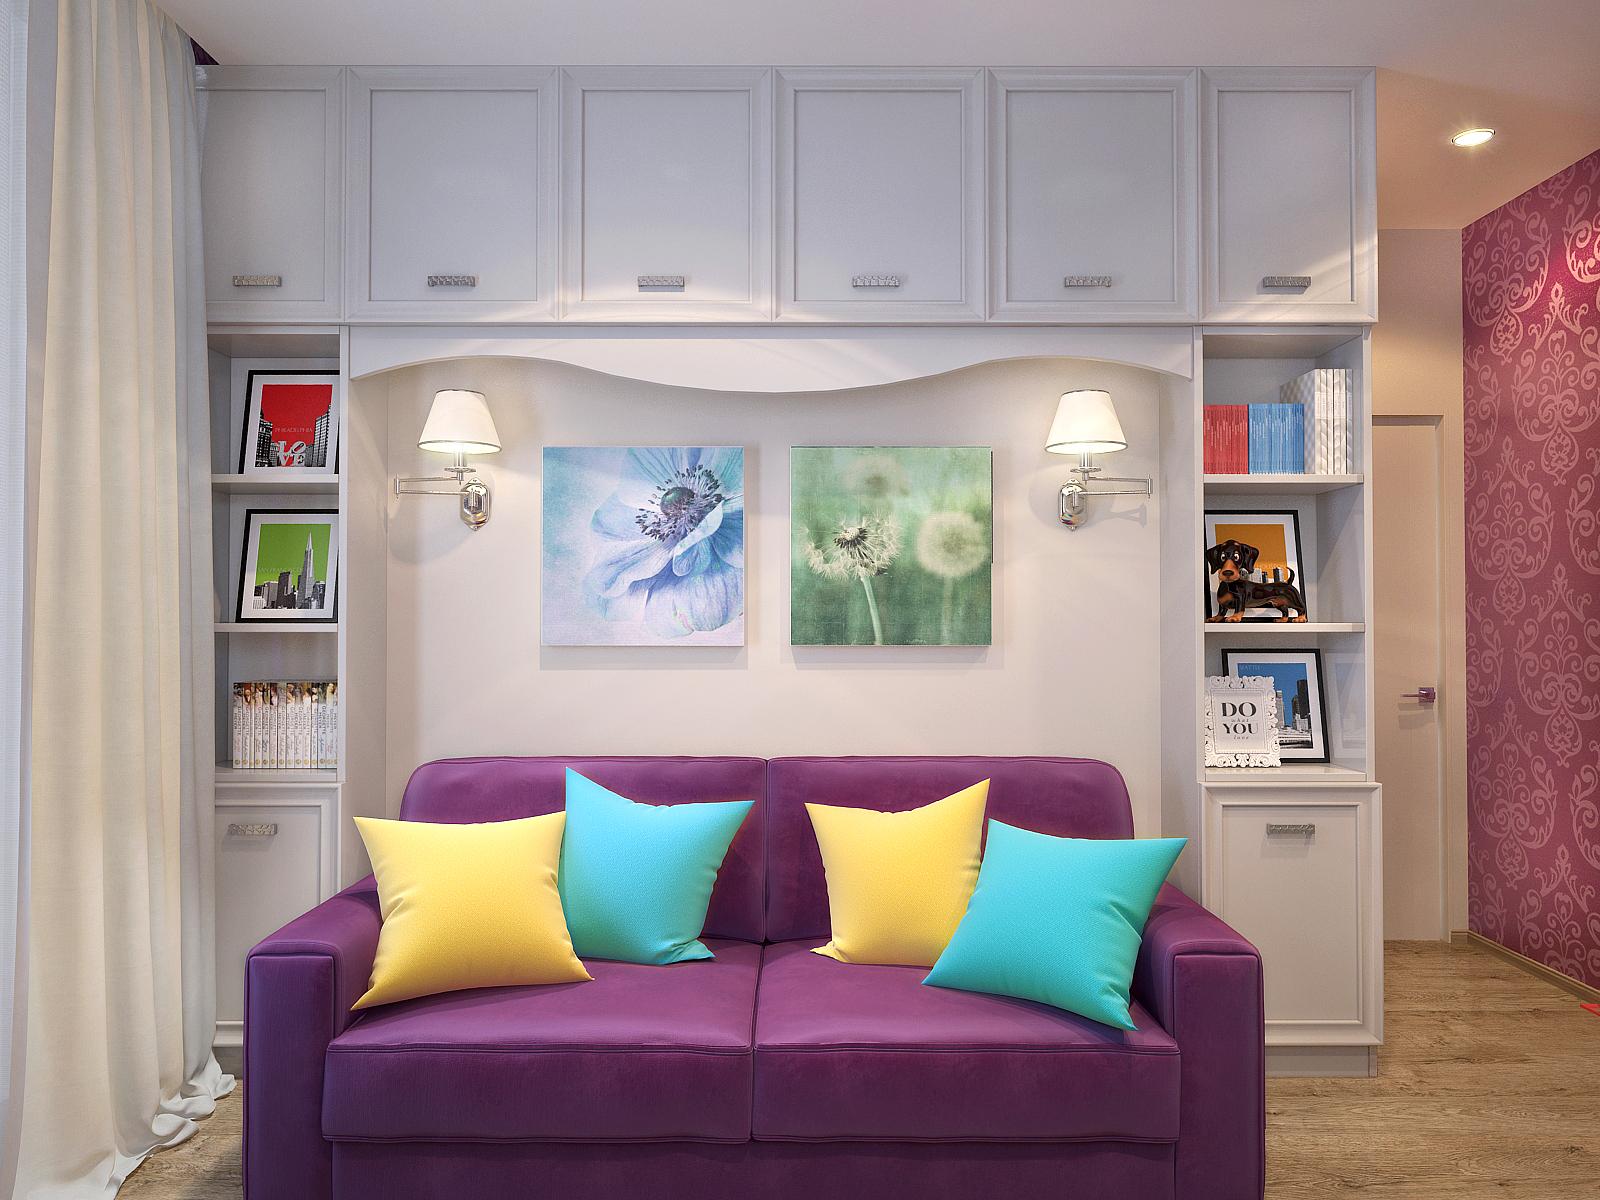 Удобный фиолетовые диван с яркими подушками